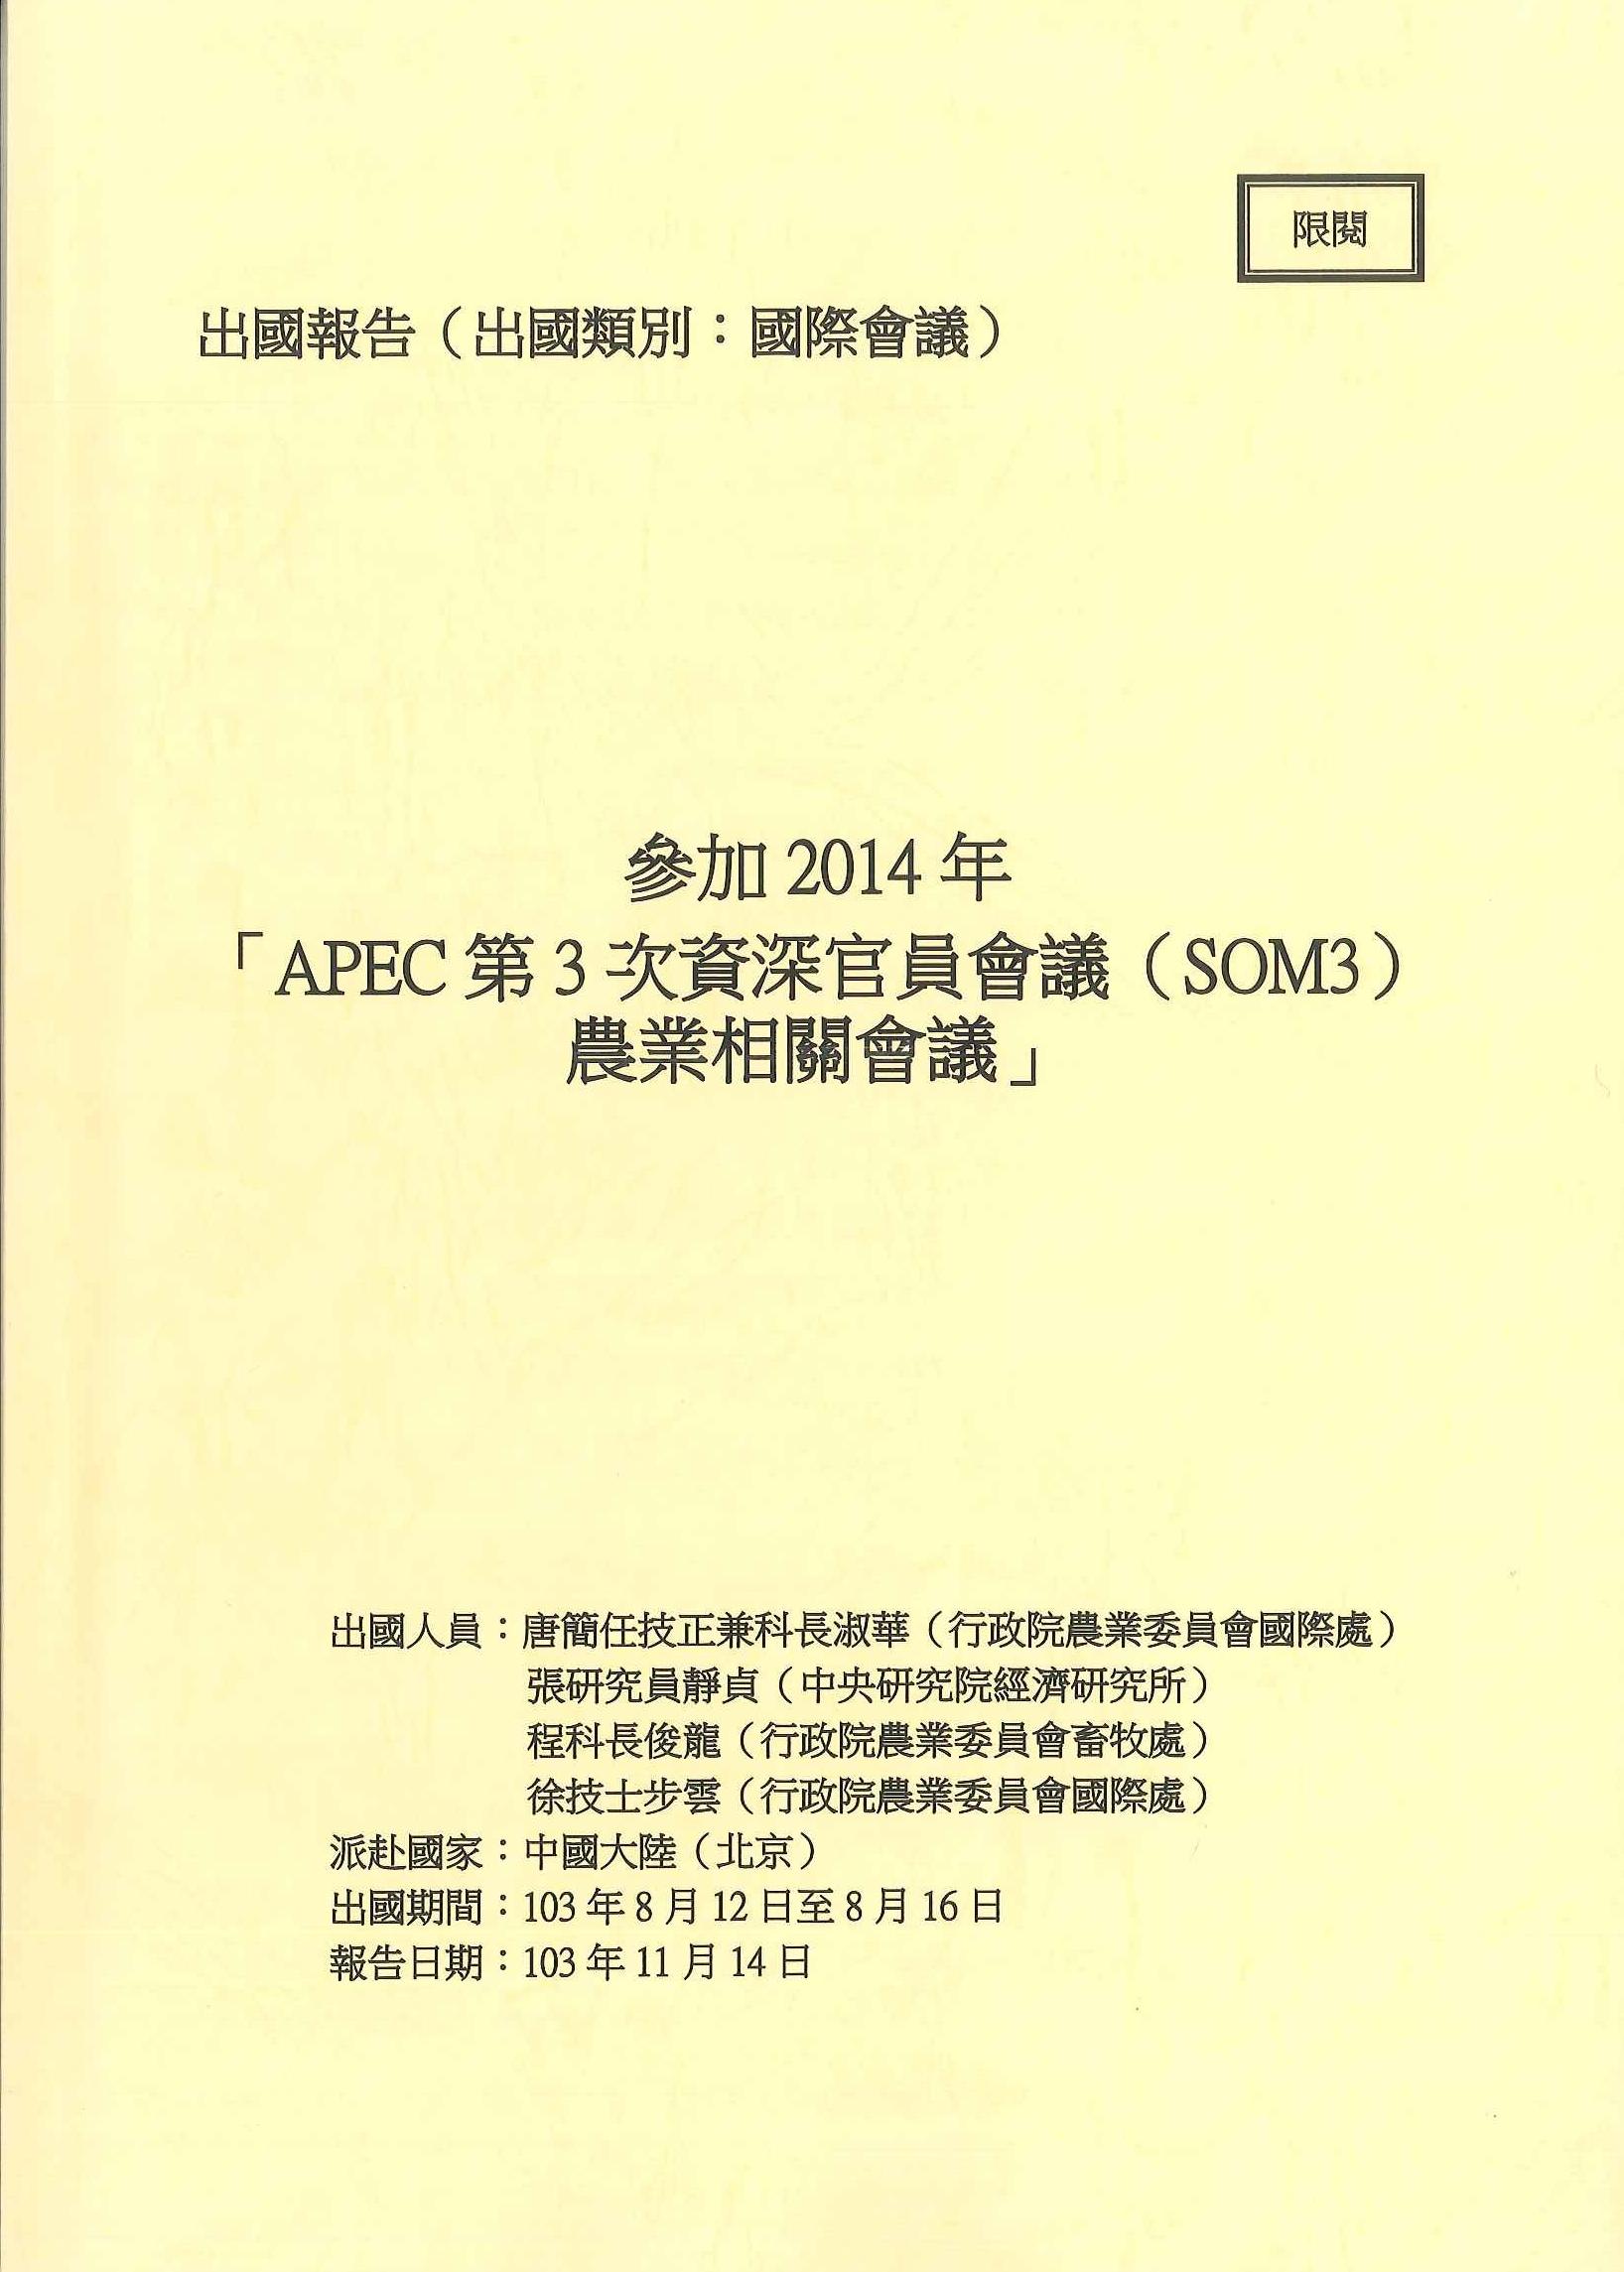 參加2014年「APEC第3次資深官員會議(SOM3)農業相關會議」